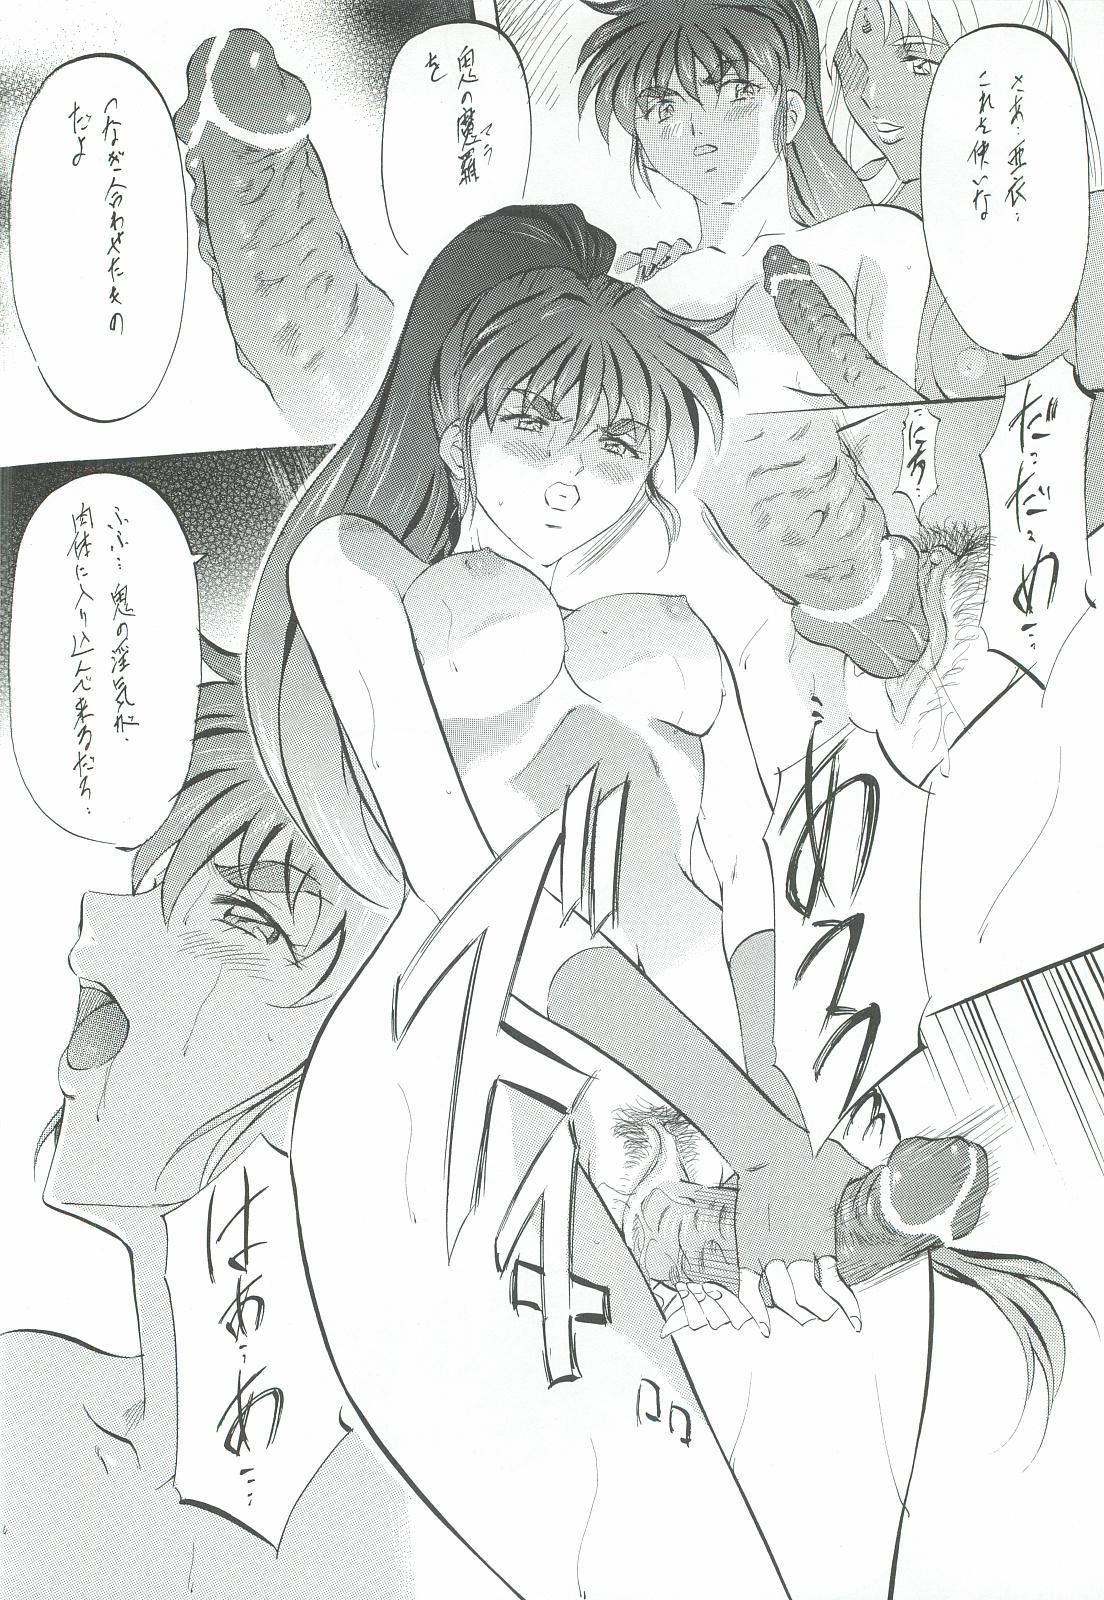 Ai & Mai Gaiden - Kishin Fukkatsu no Shou 106